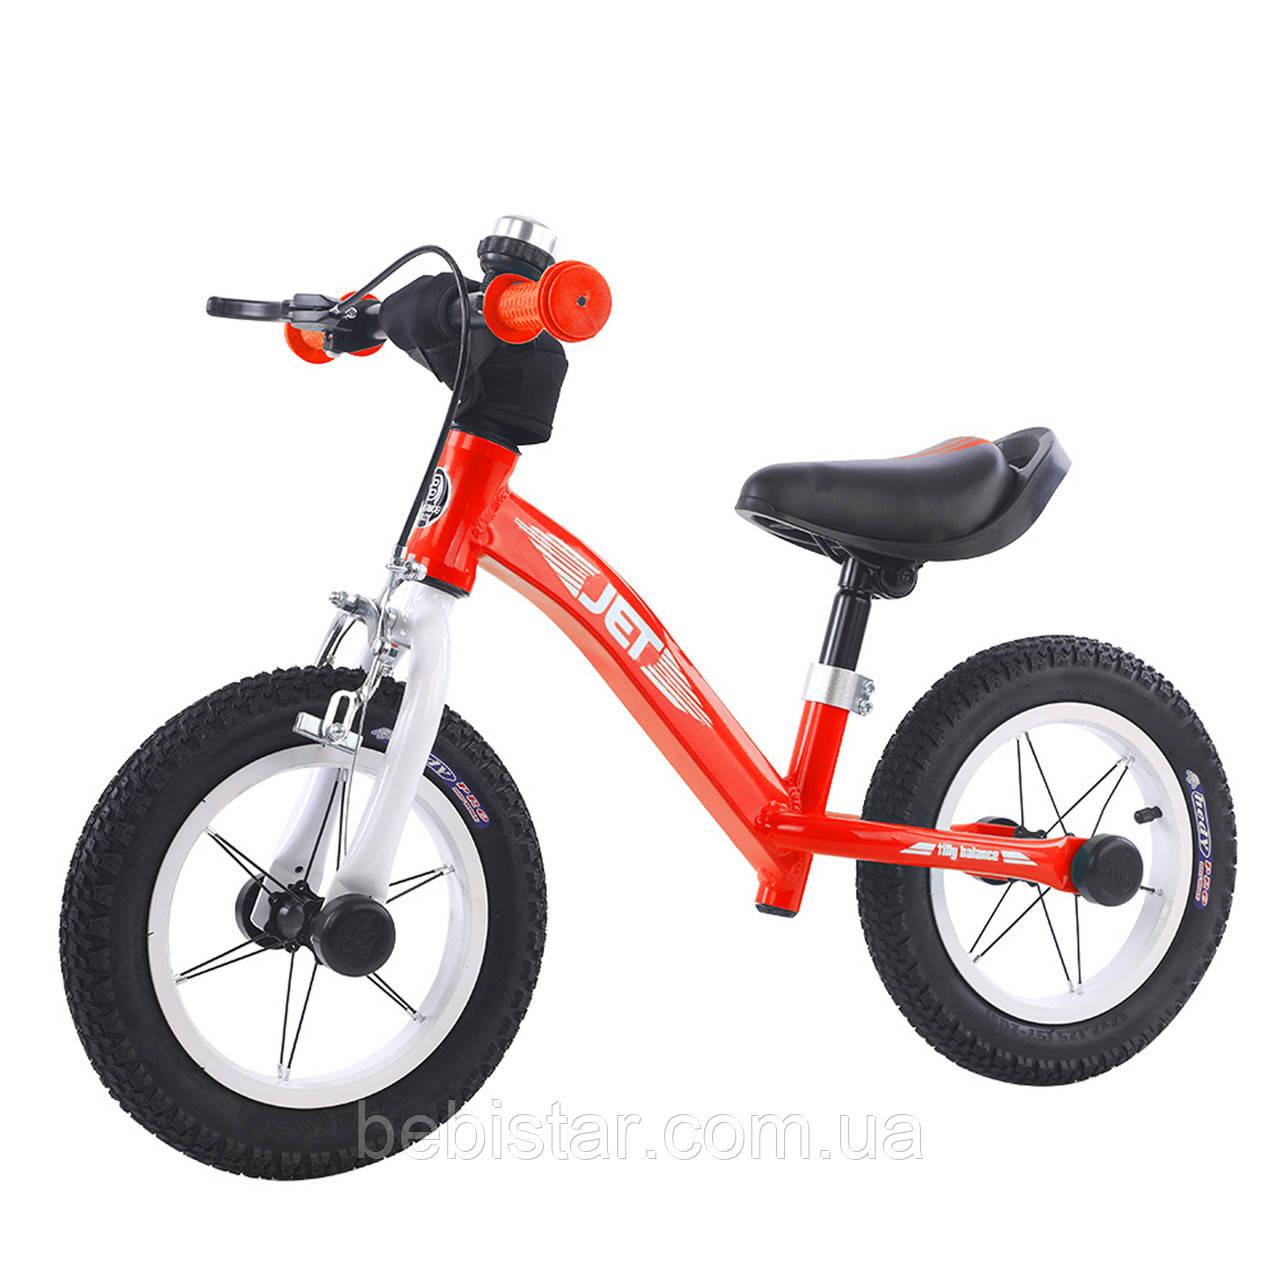 Беговел велобег алюминиевый красный Tilli Jet надувные колеса ручной тормоз звонок для детей от 2-х до 5 лет